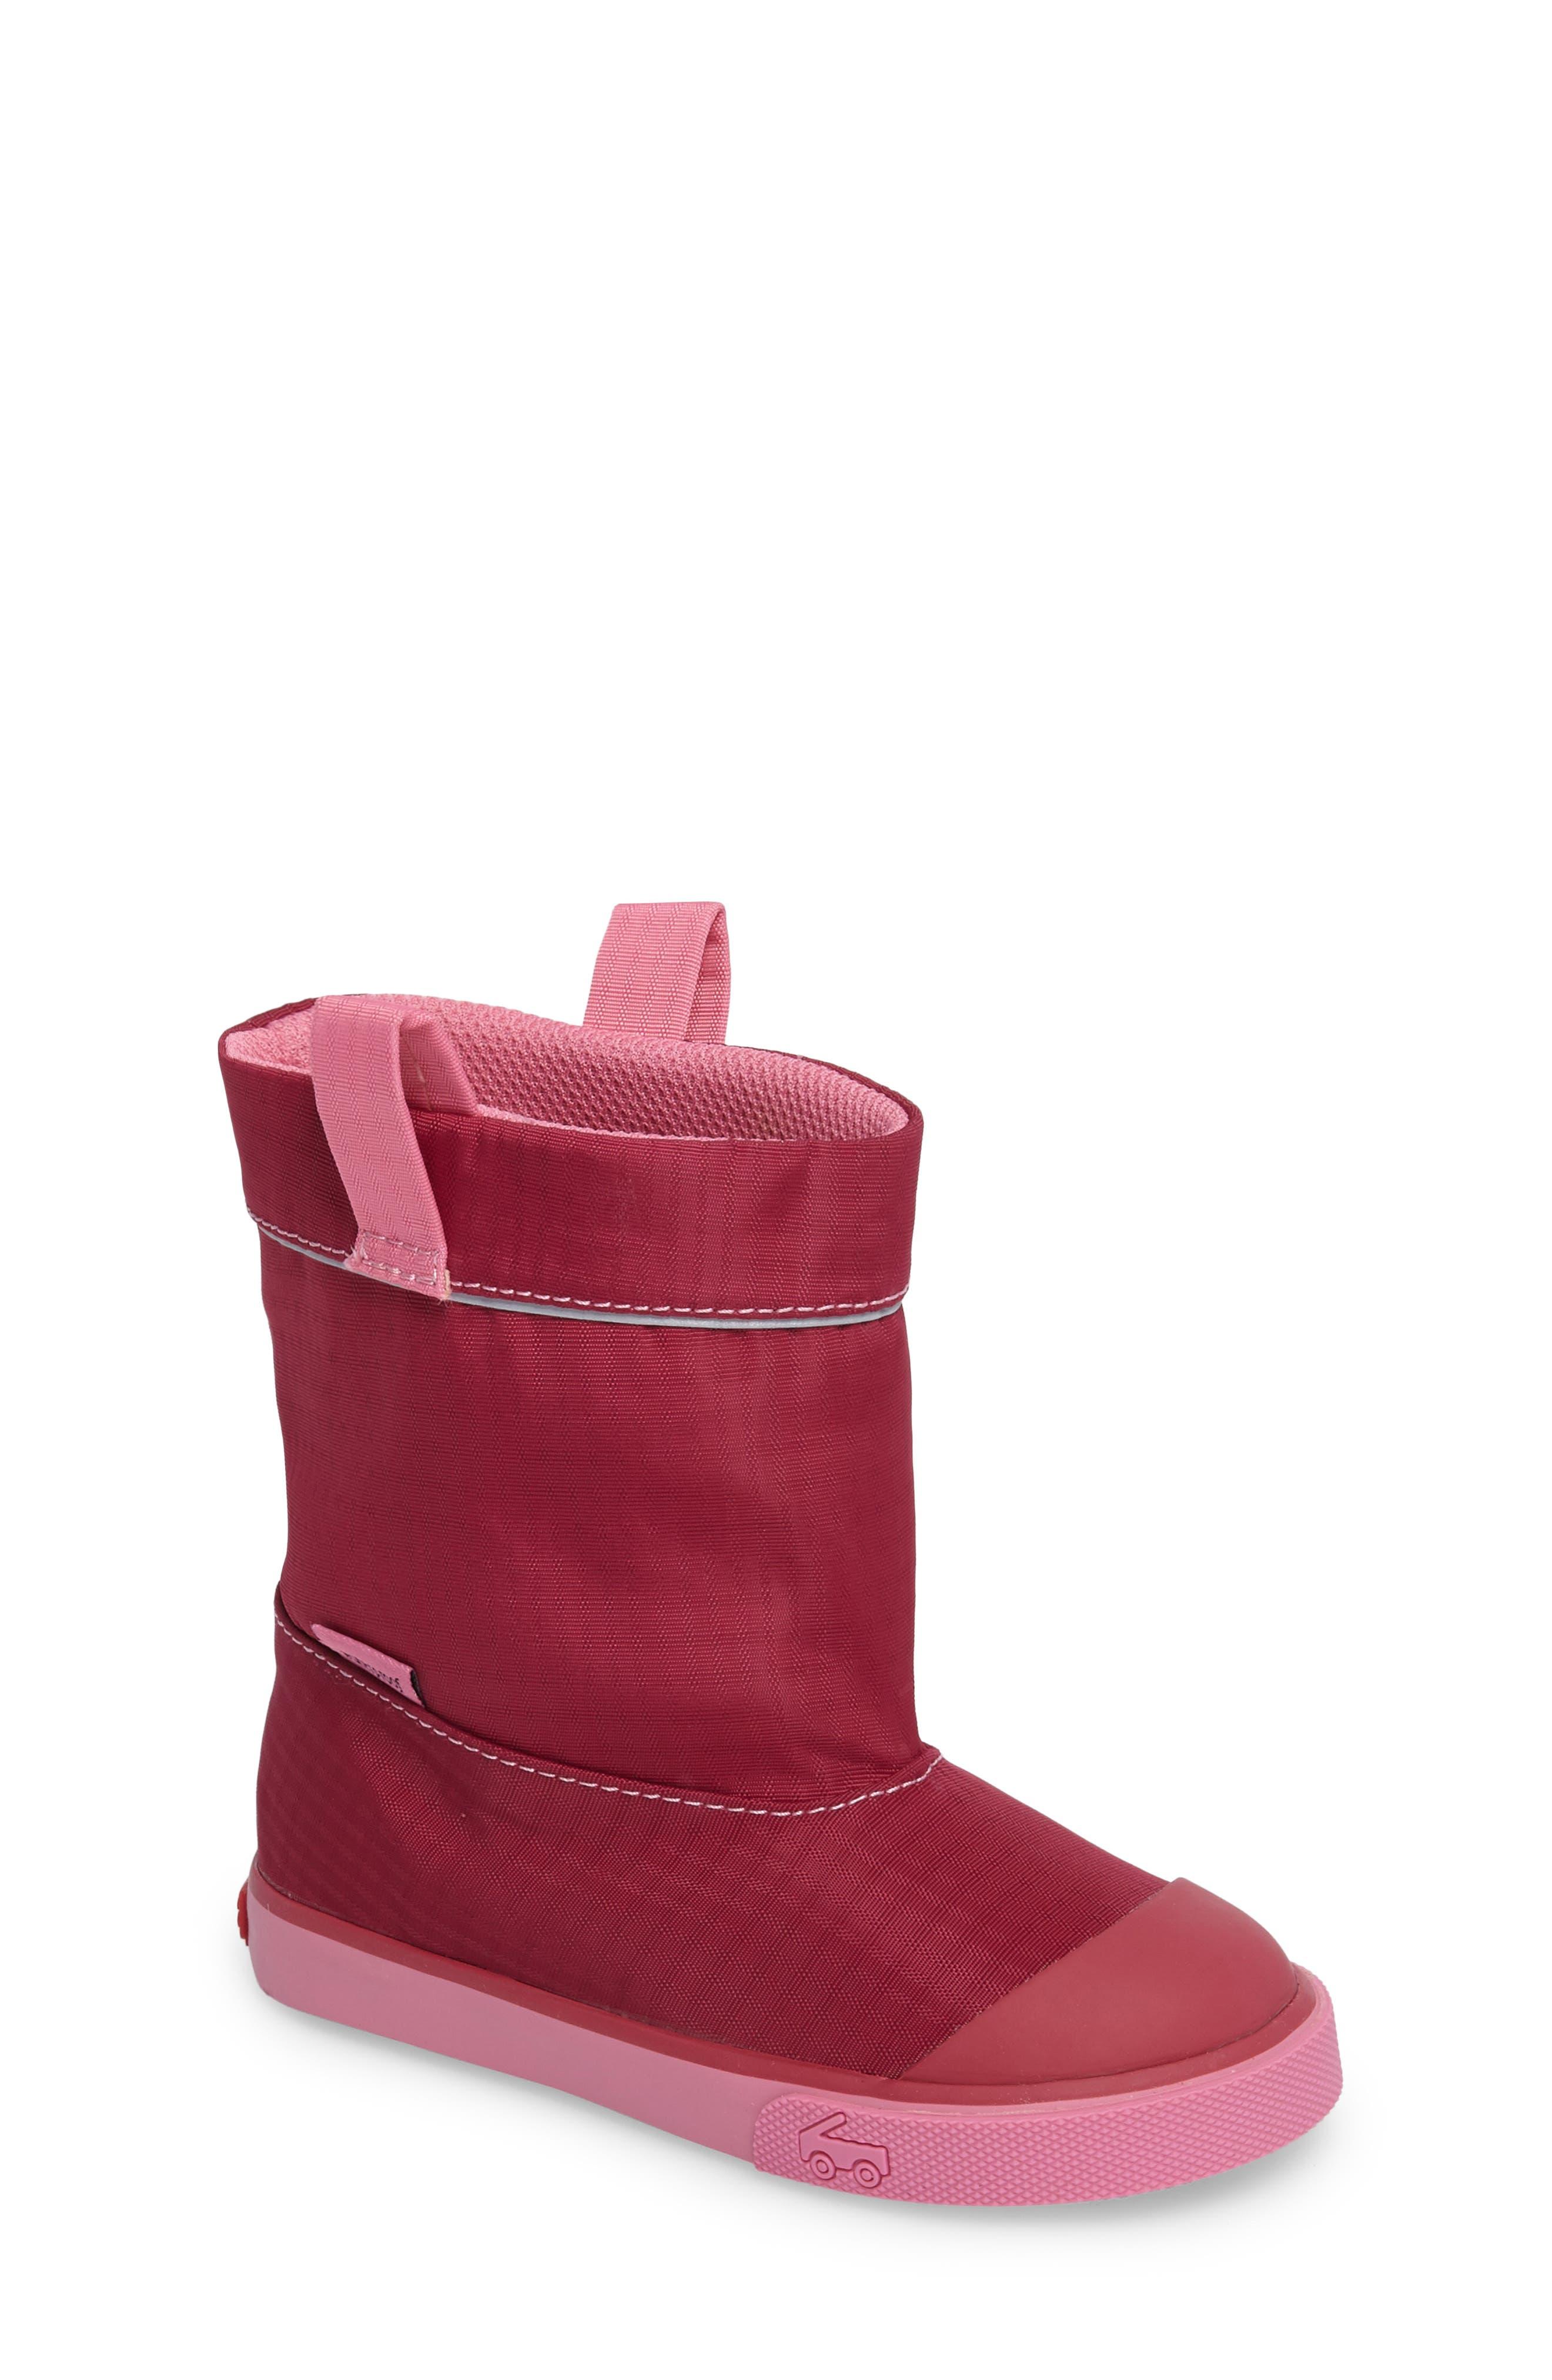 Alternate Image 1 Selected - See Kai Run Montlake Waterproof Boot (Baby, Walker, Toddler & Little Kid)